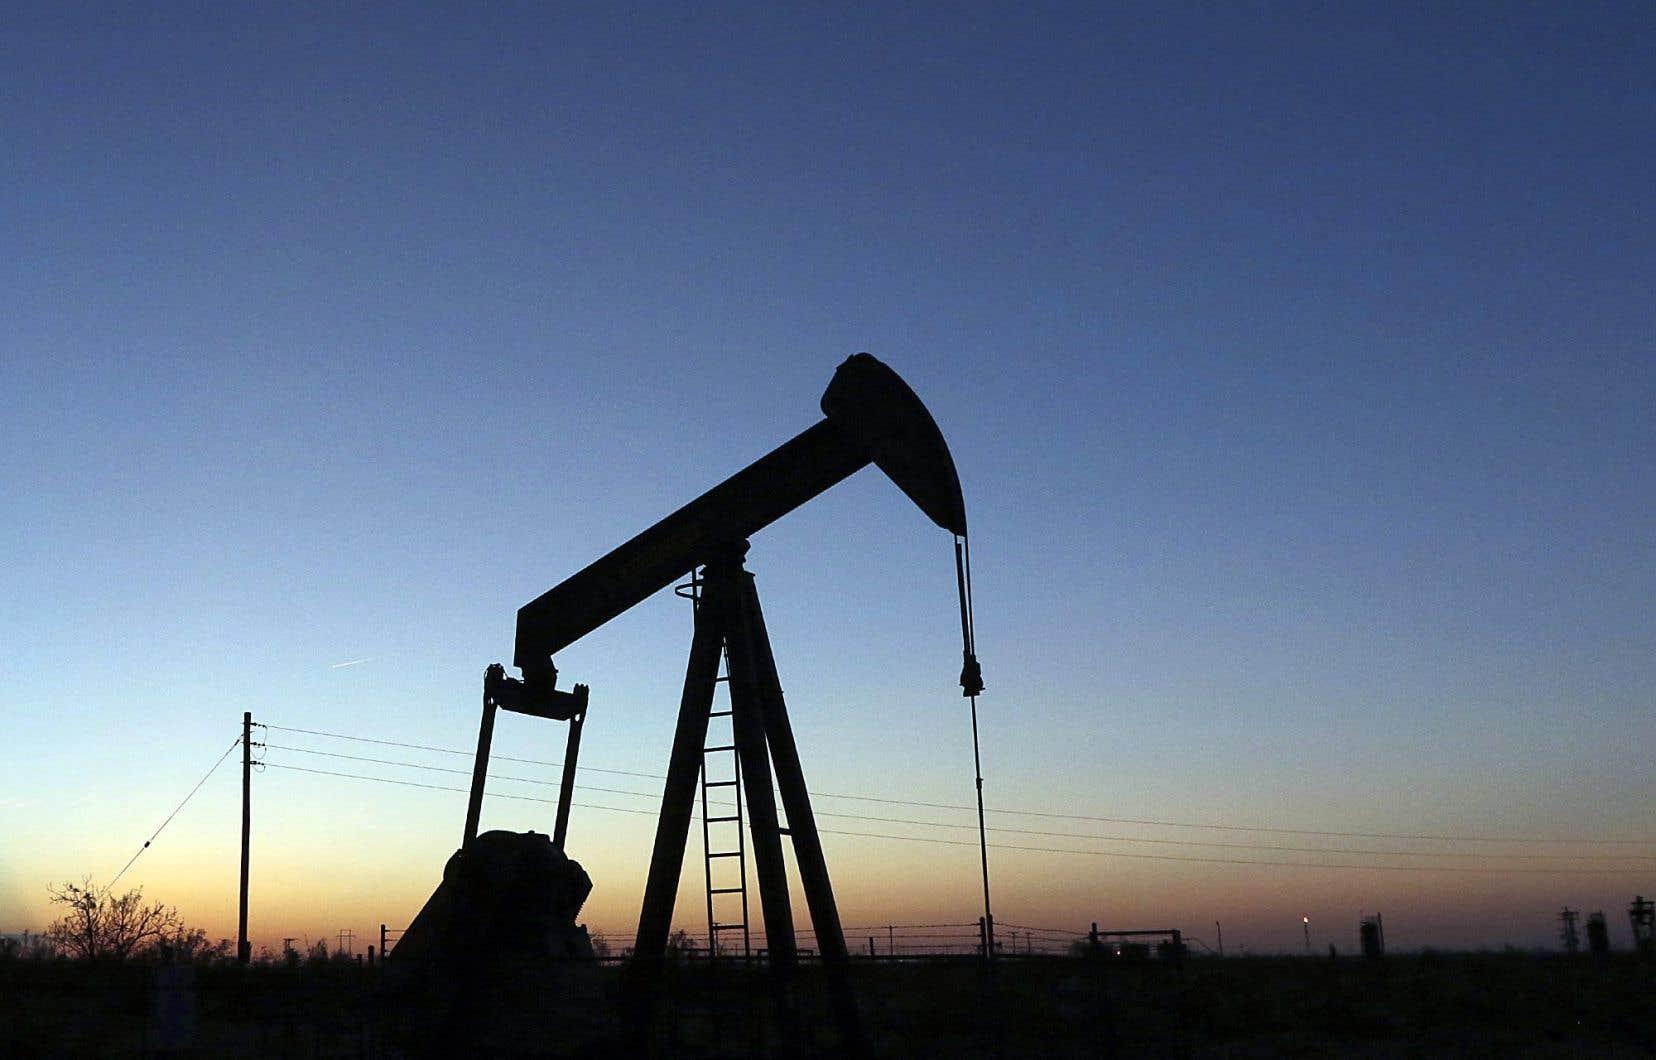 Même à 340milliards $US, les subventions aux énergies fossiles sont en forte baisse par rapport à 2012 et à 2013 quand elles tournaient autour de 600milliards $US.